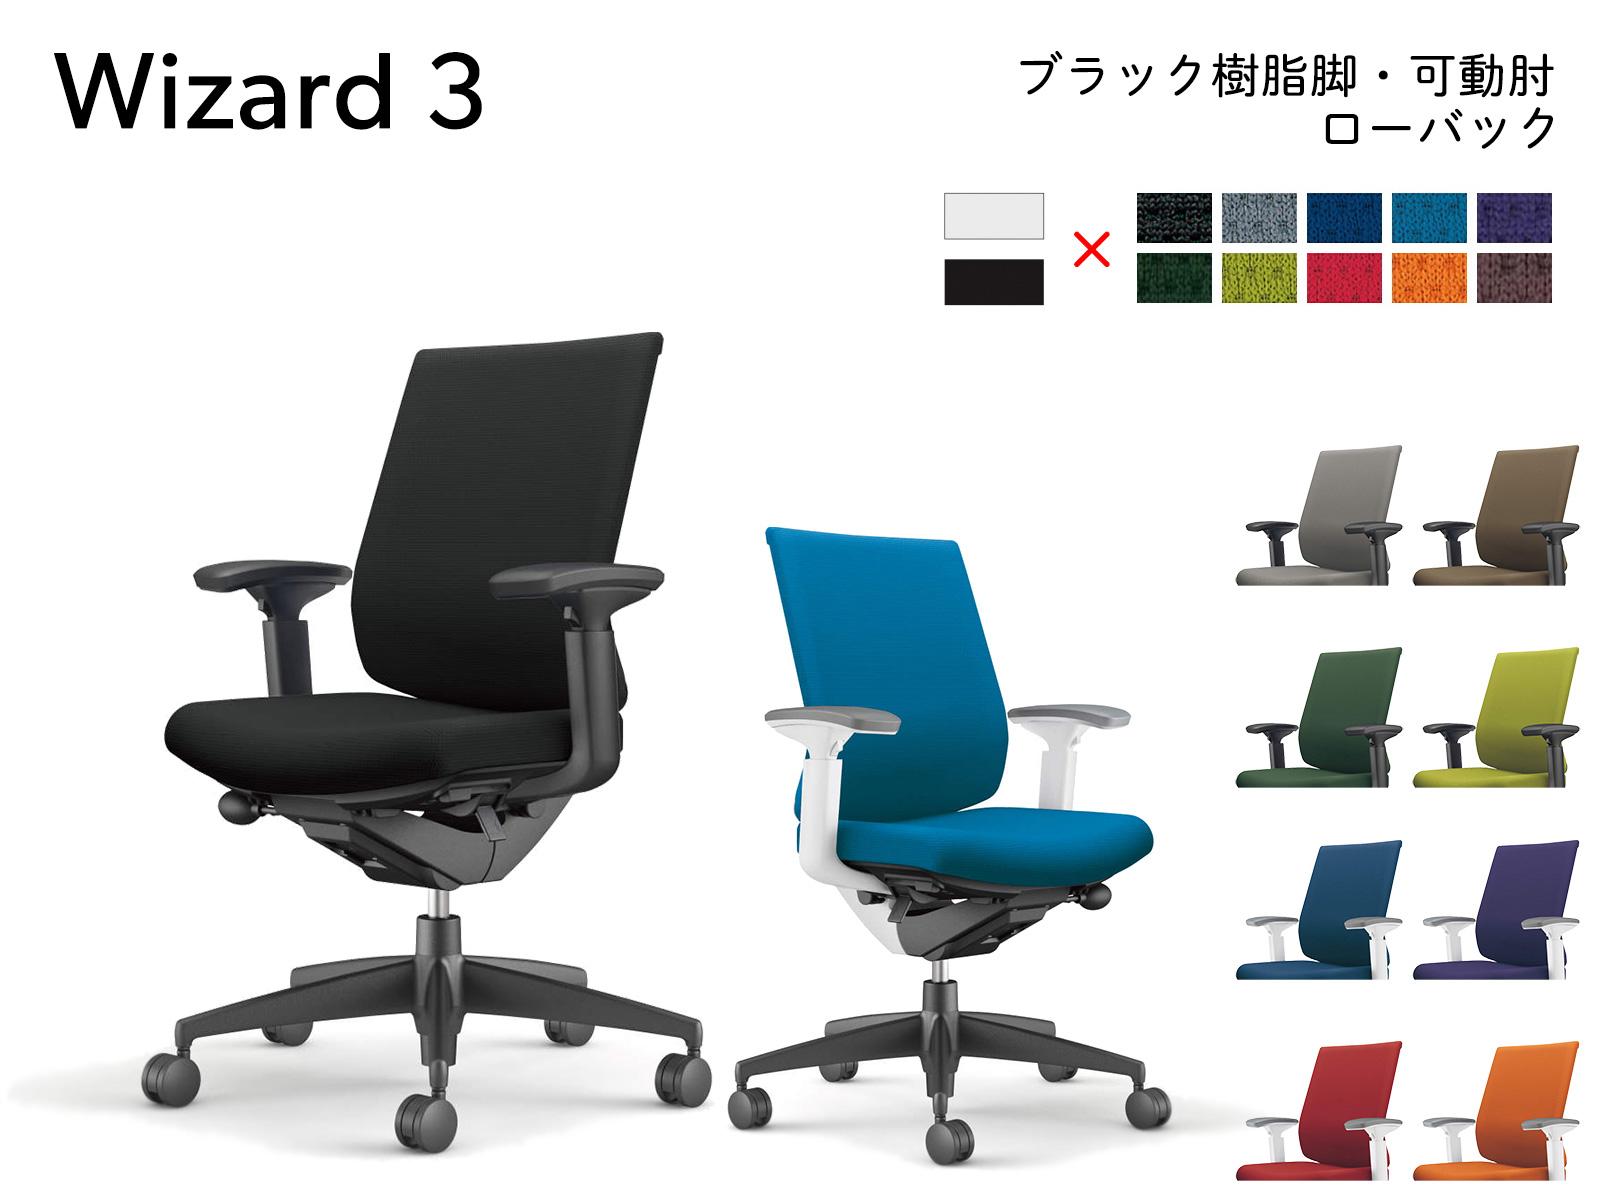 コクヨ オフィスチェア Wizard3 樹脂脚(ブラック) ローバック 可動肘 ウィザード3 CR-G3631